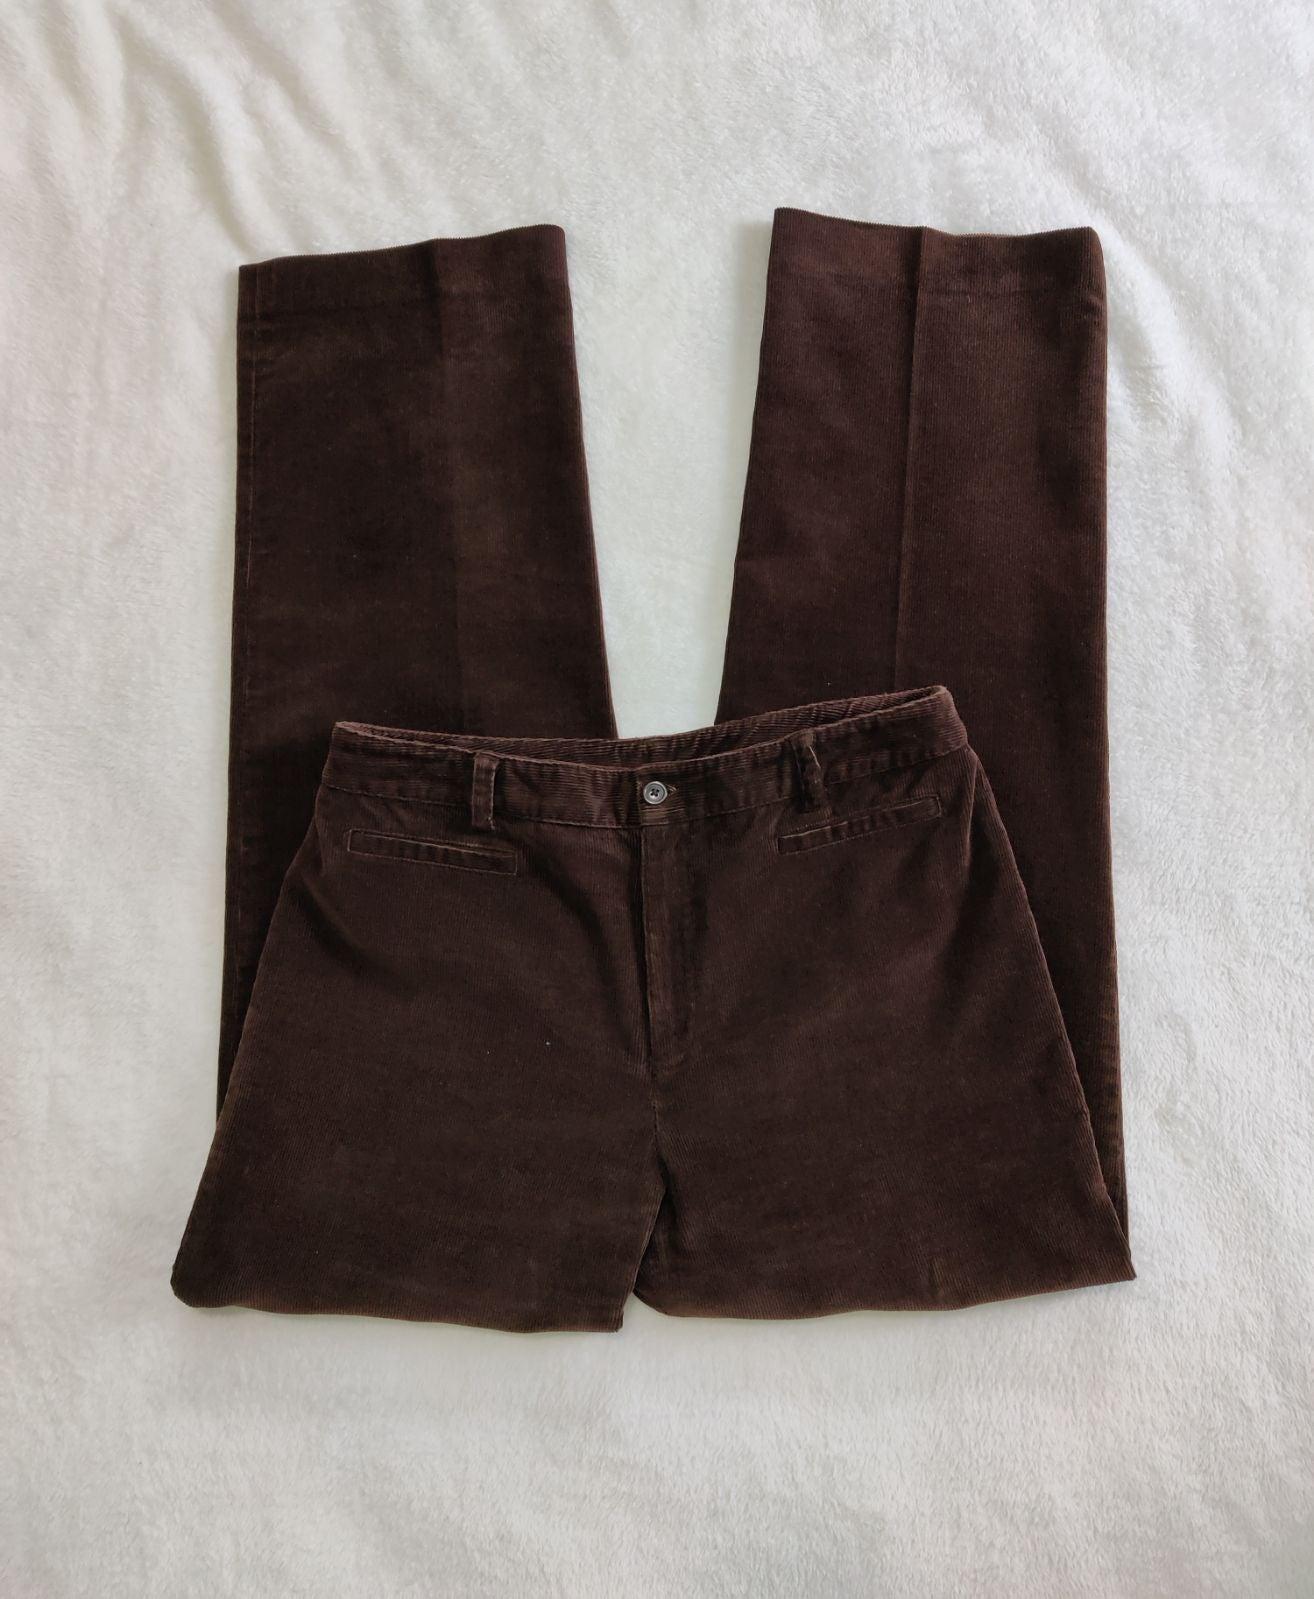 Rafaella Women's Corduroy Pants Brown 10